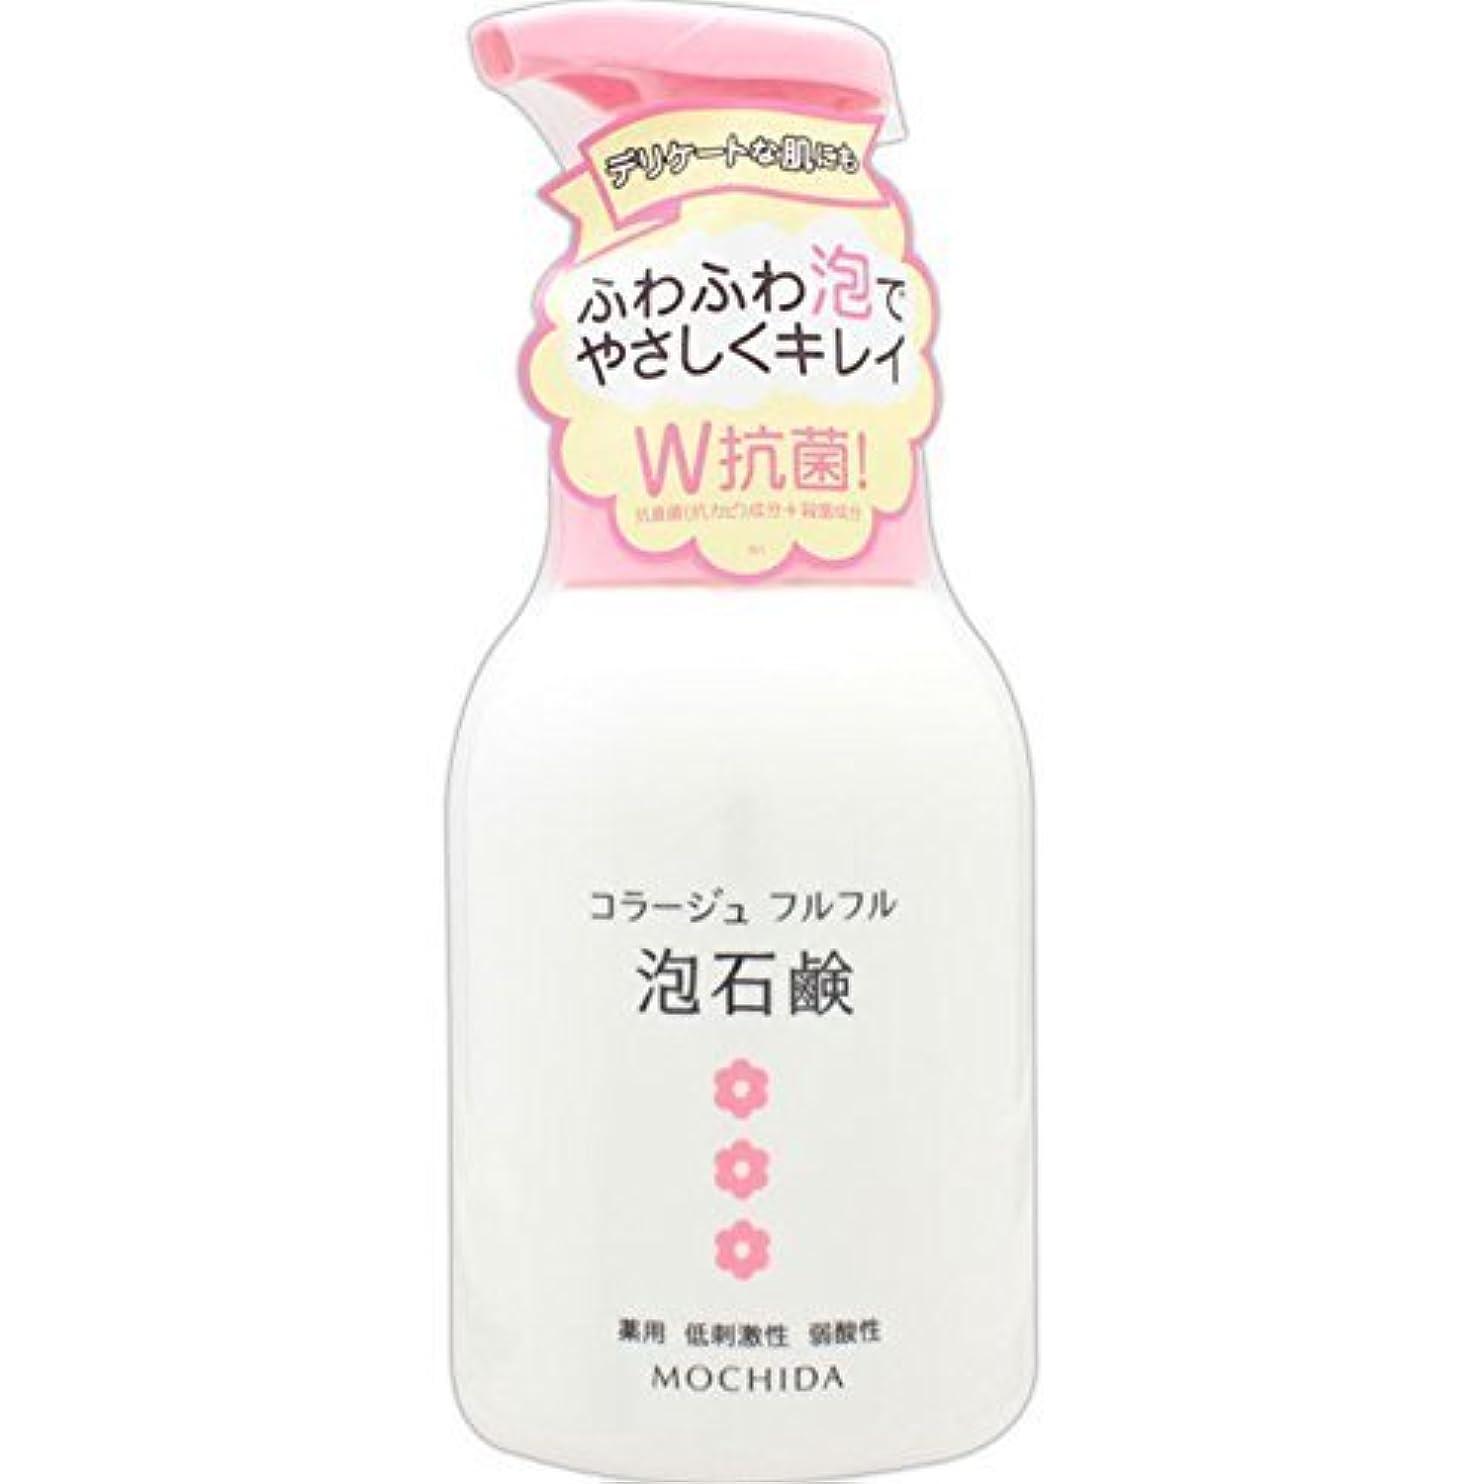 プロフィール気取らない墓コラージュフルフル 泡石鹸 ピンク 300m L (医薬部外品) ×6